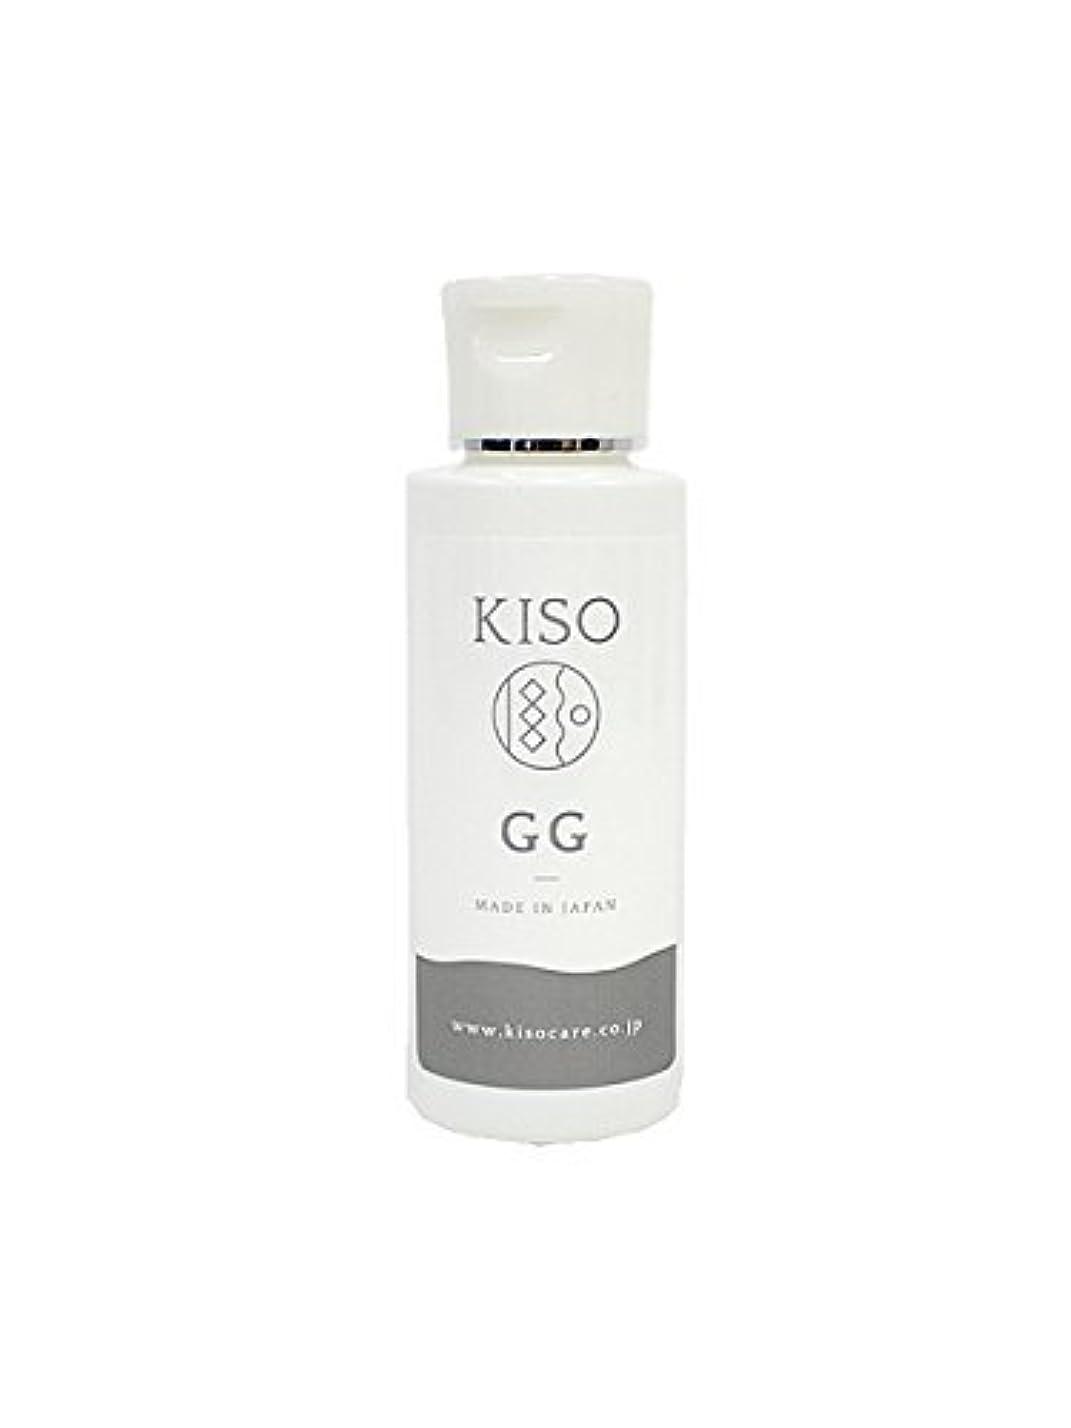 スクランブルピカリング累計KISO グリシルグリシン5% 高配合美容水 【GGエッセンス 50mL】 肌のキメを整える?肌をひきしめる